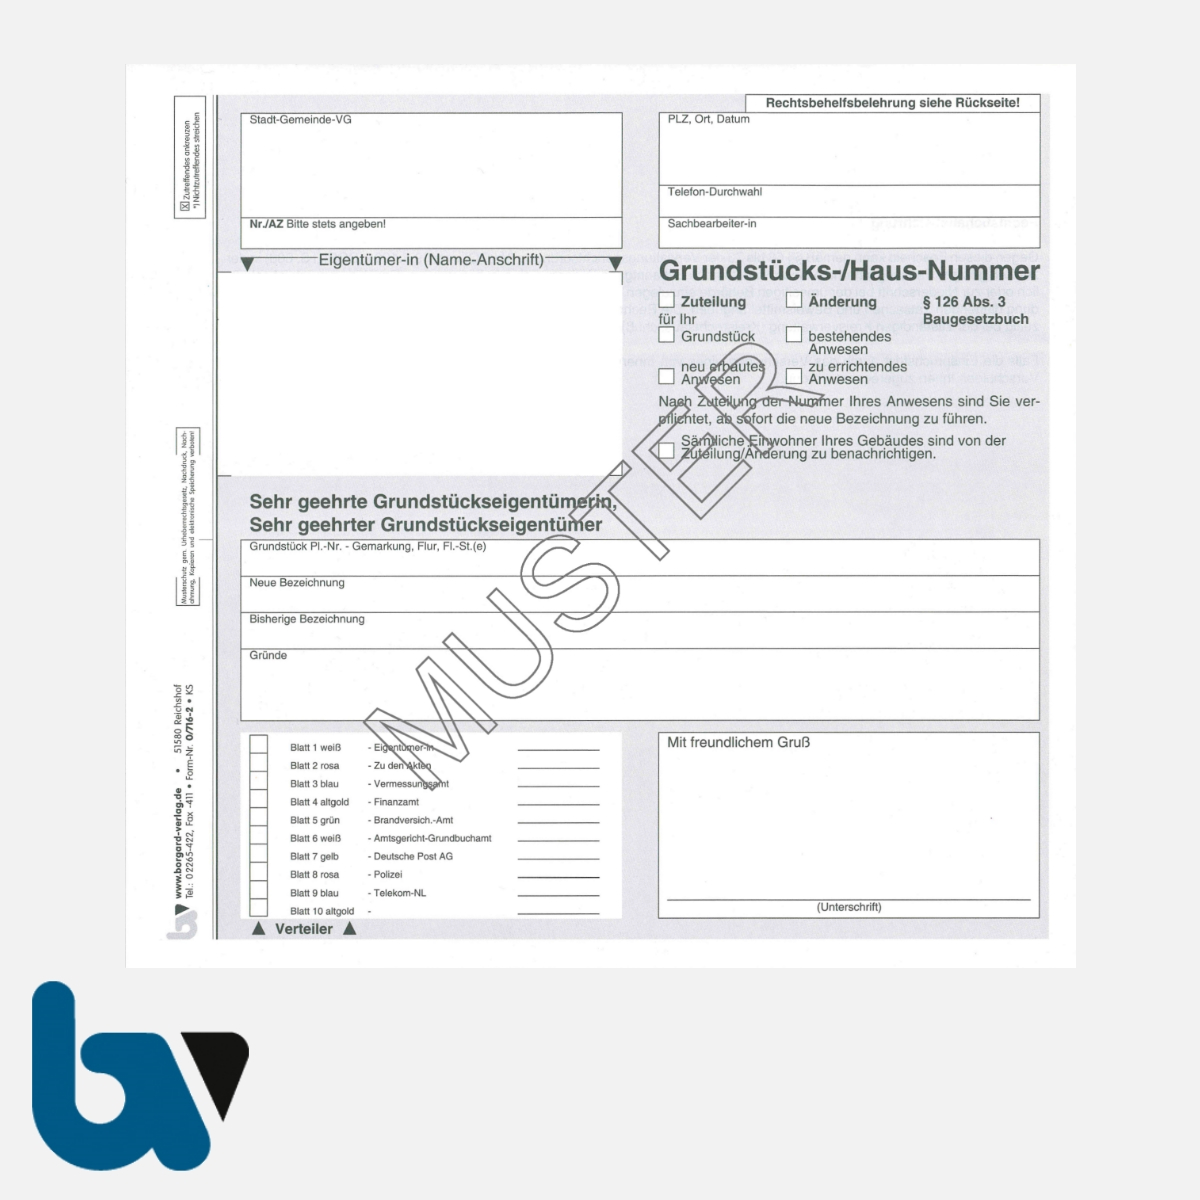 0/716-2 Grundstück Hausnummer Zuteilung Änderung §126 Baugesetzbuch selbstdurchschreibend 10-fach DIN Seite 1 | Borgard Verlag GmbH